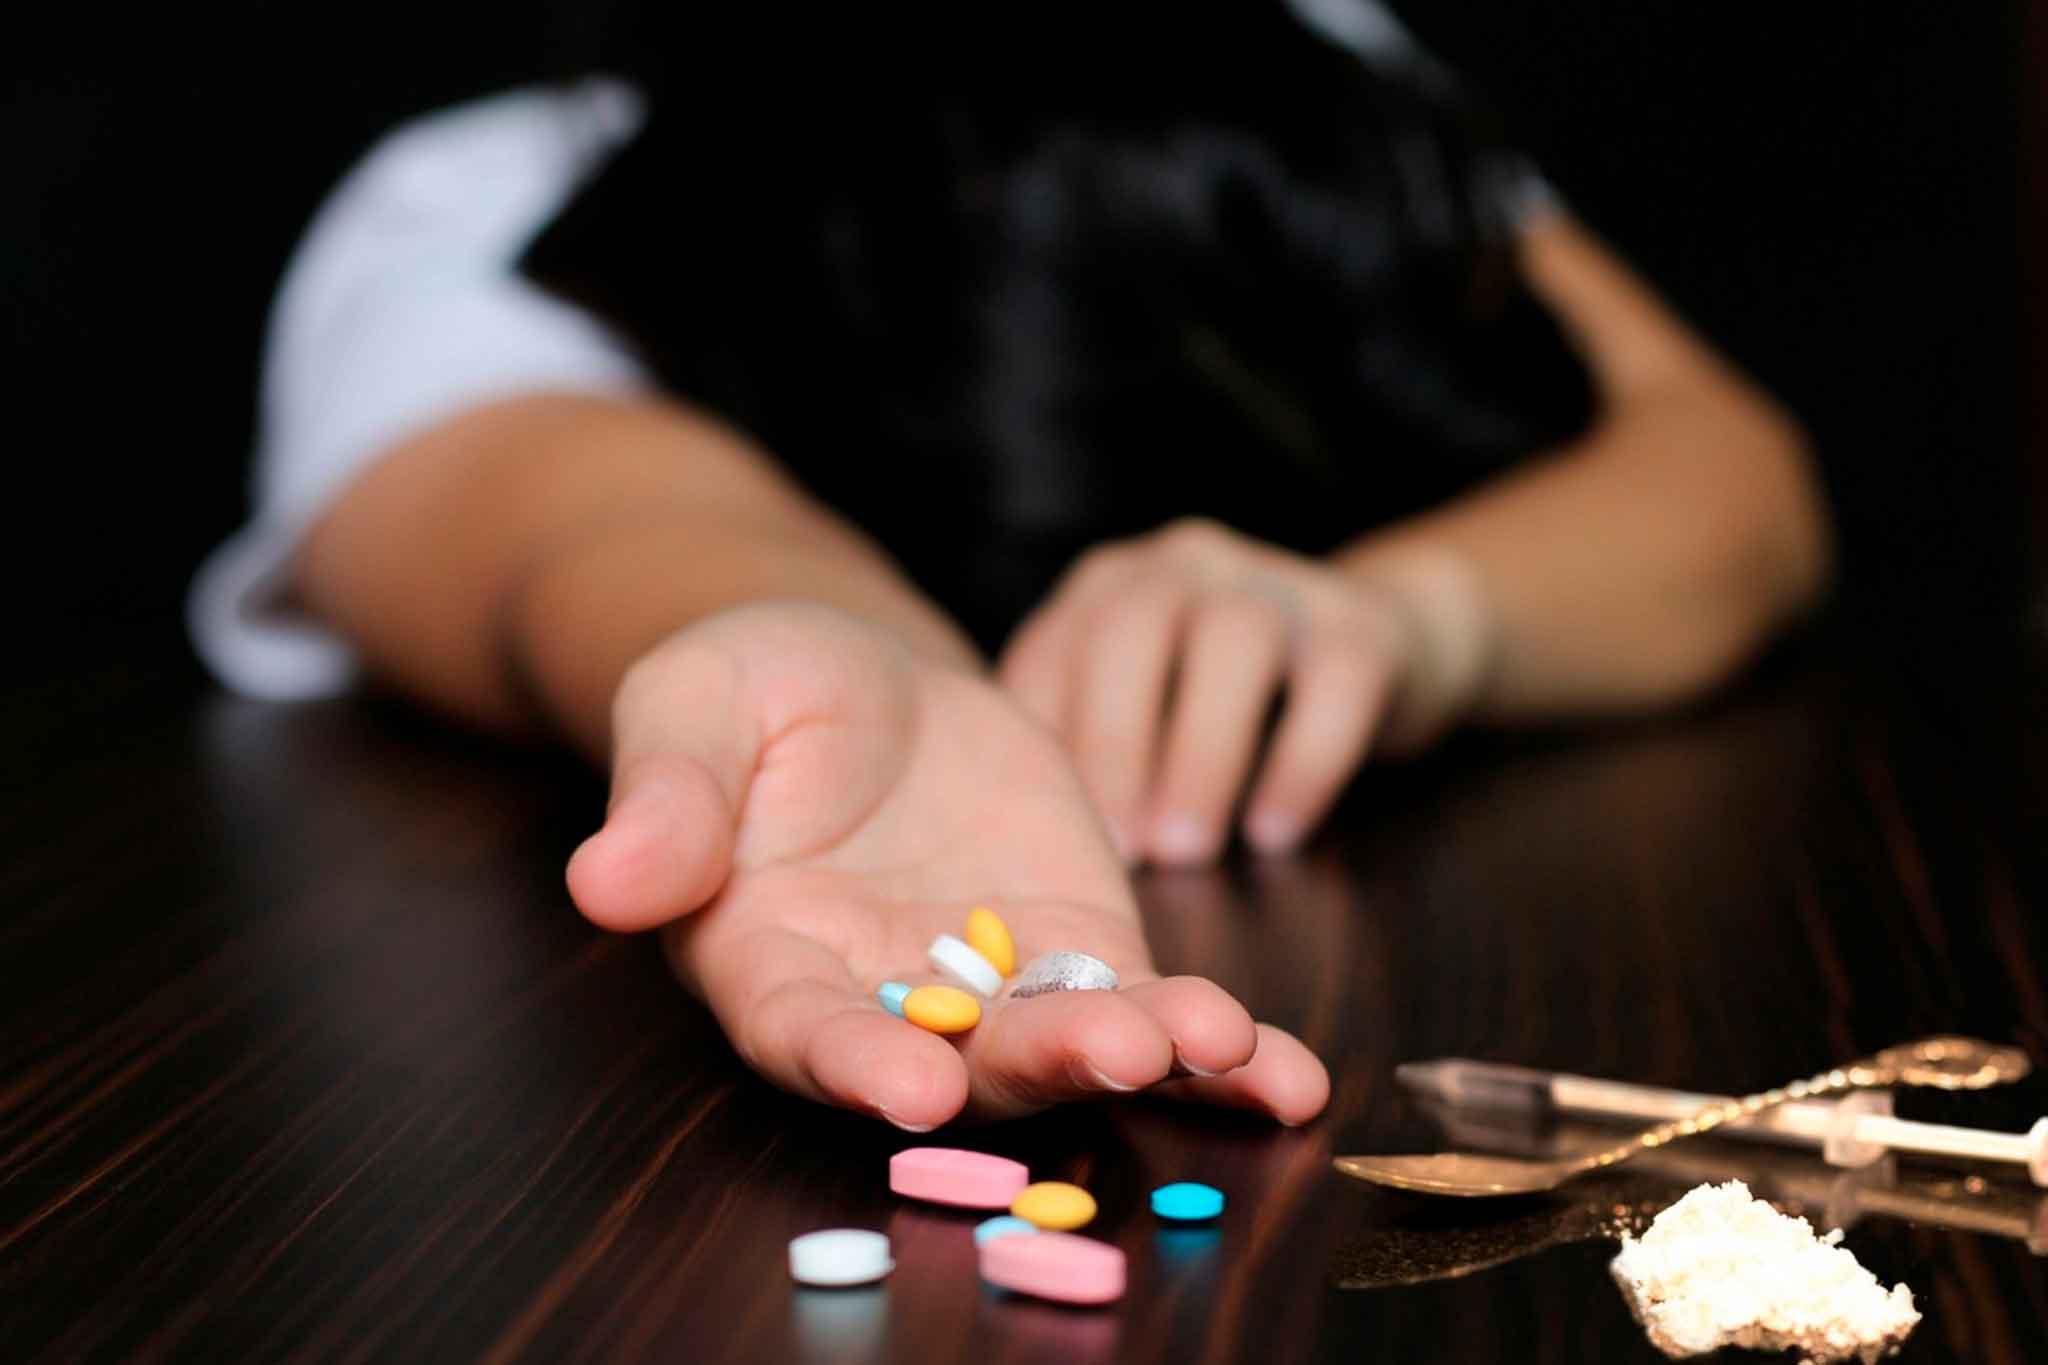 """Передозування амфетаміном? Терміновий виклик нарколога на адресу - """"Наркомедцентр"""" Київ"""